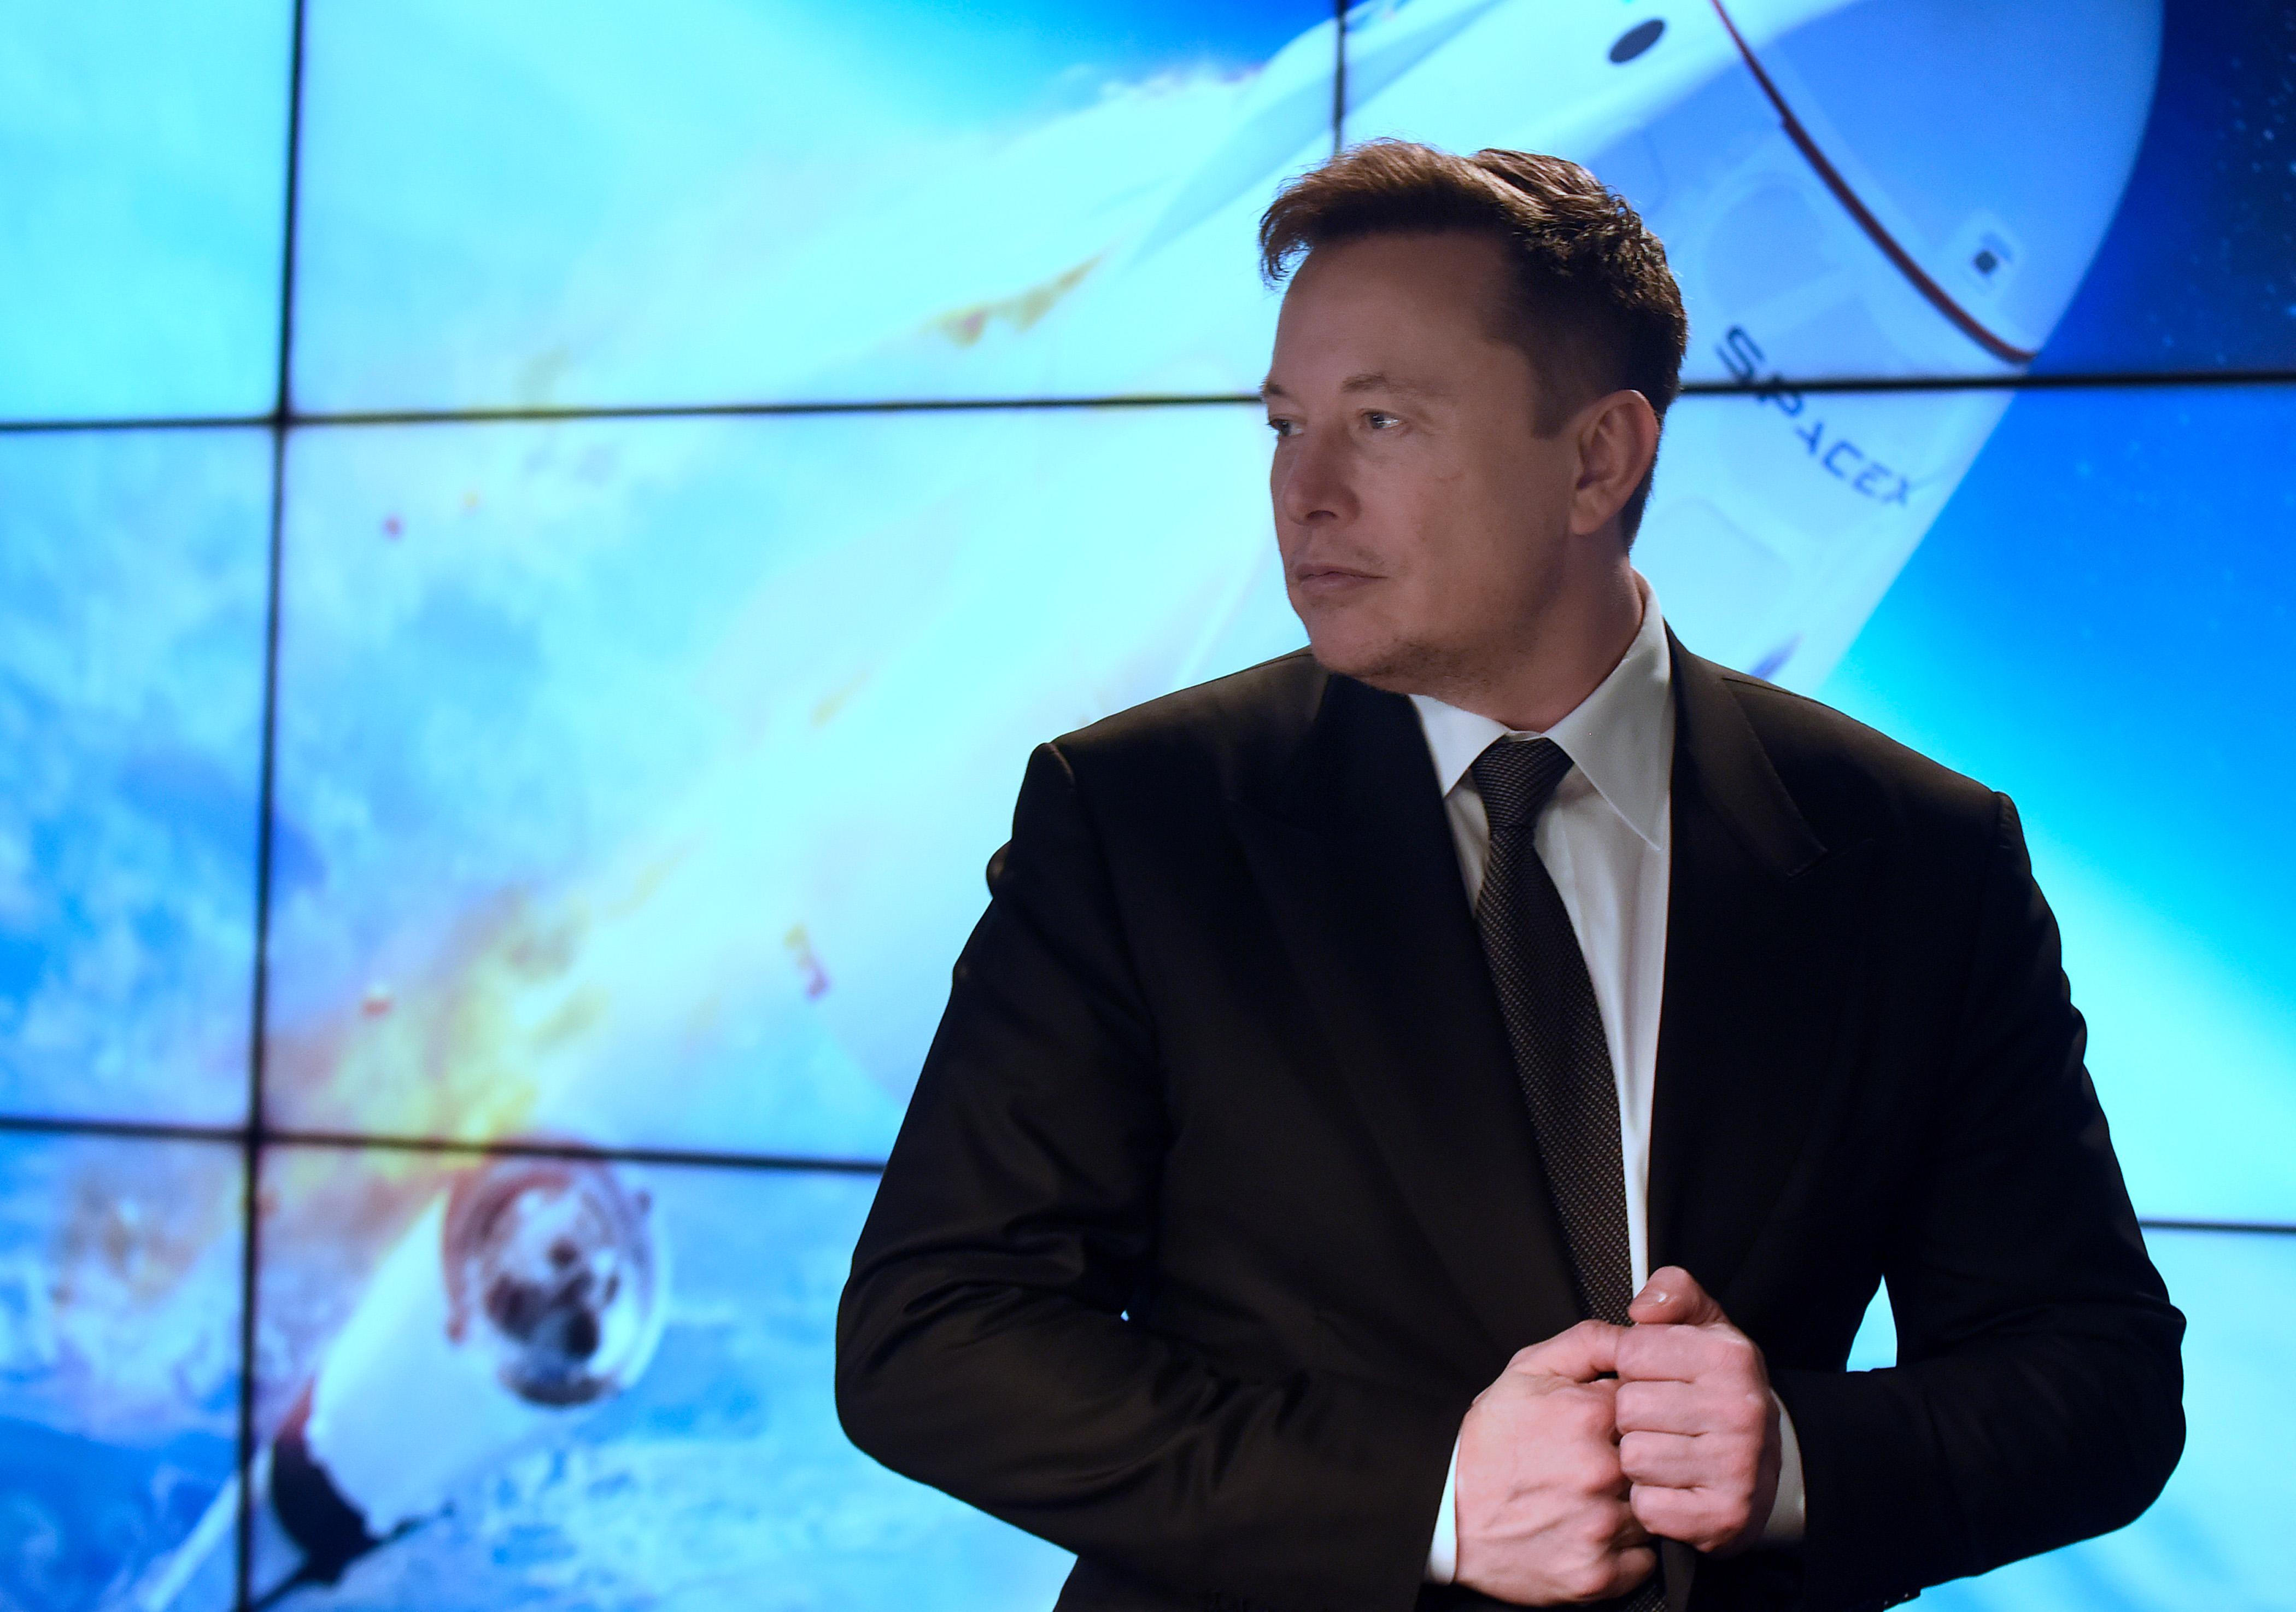 Már Elon Musk a világ második leggazdagabb embere a Bloomberg szerint